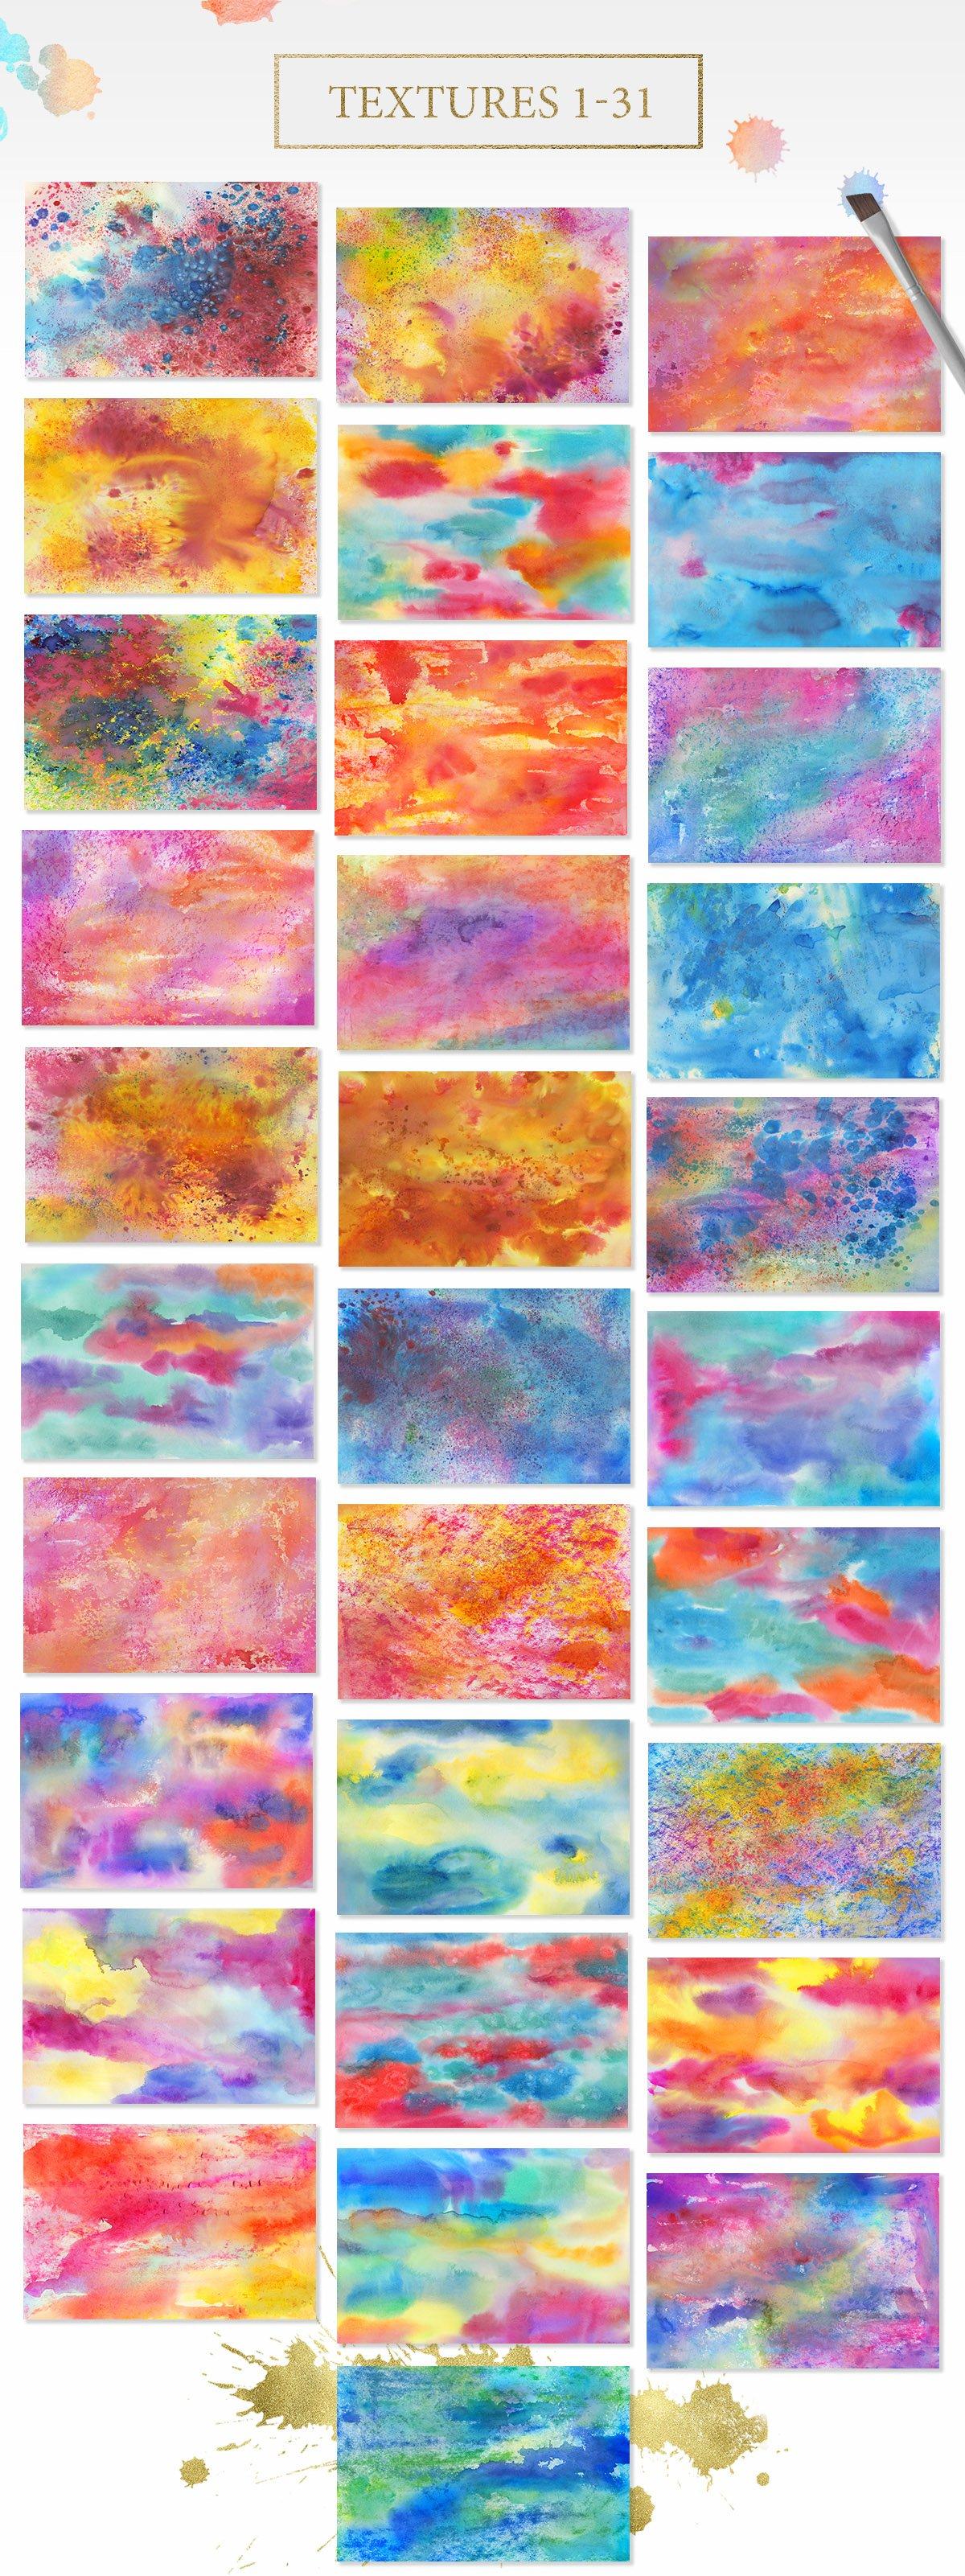 62款手绘水彩背景&水晶碎片纹理集合 62 Diversity Textures插图(3)